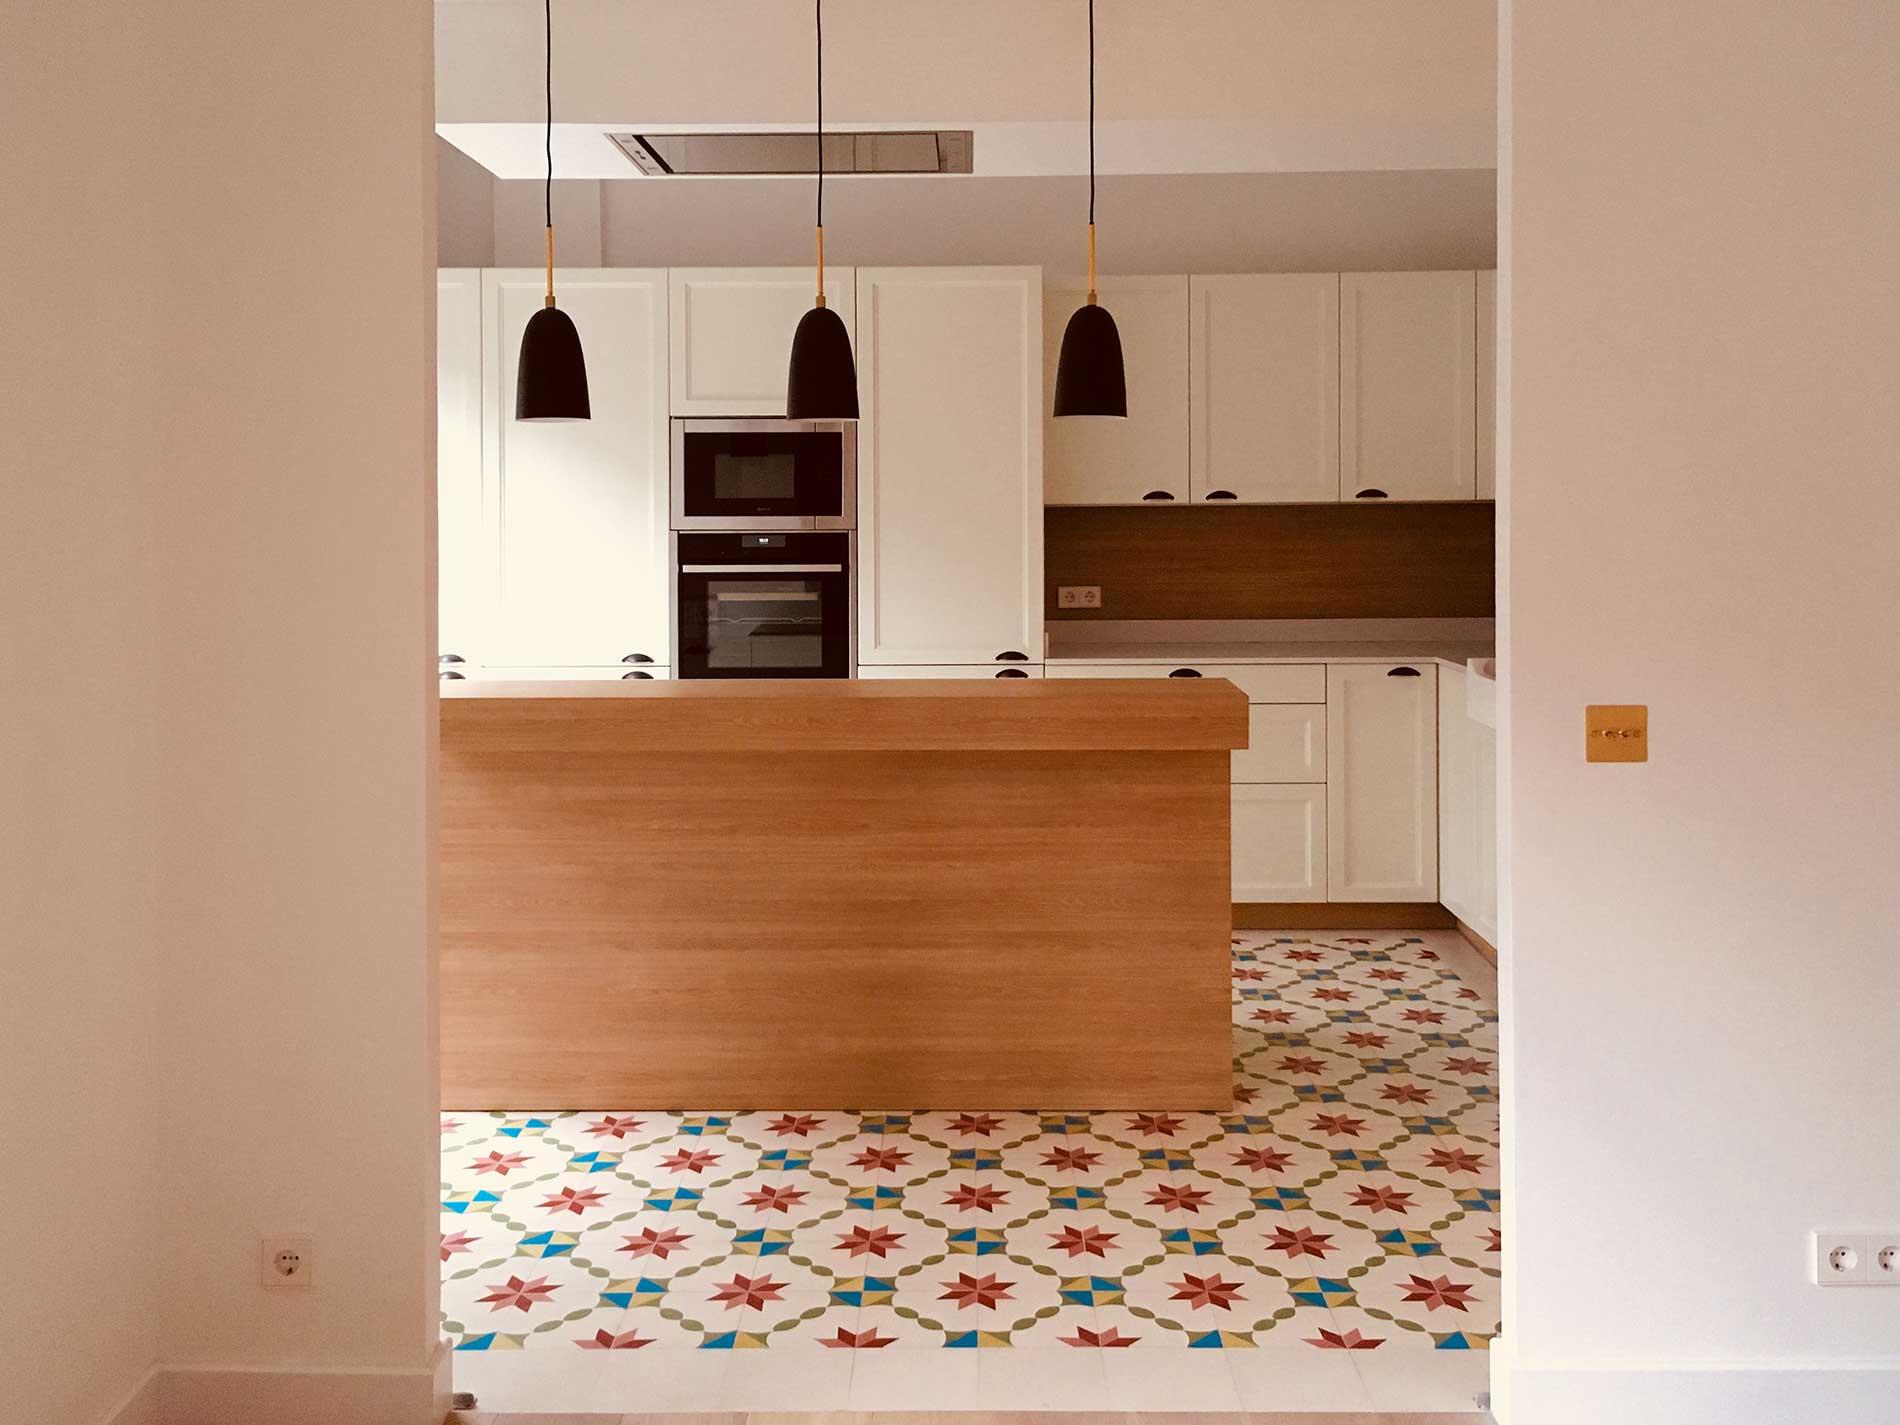 Vista general de cocina rústica en color laca mate personalizado según carta NCS.